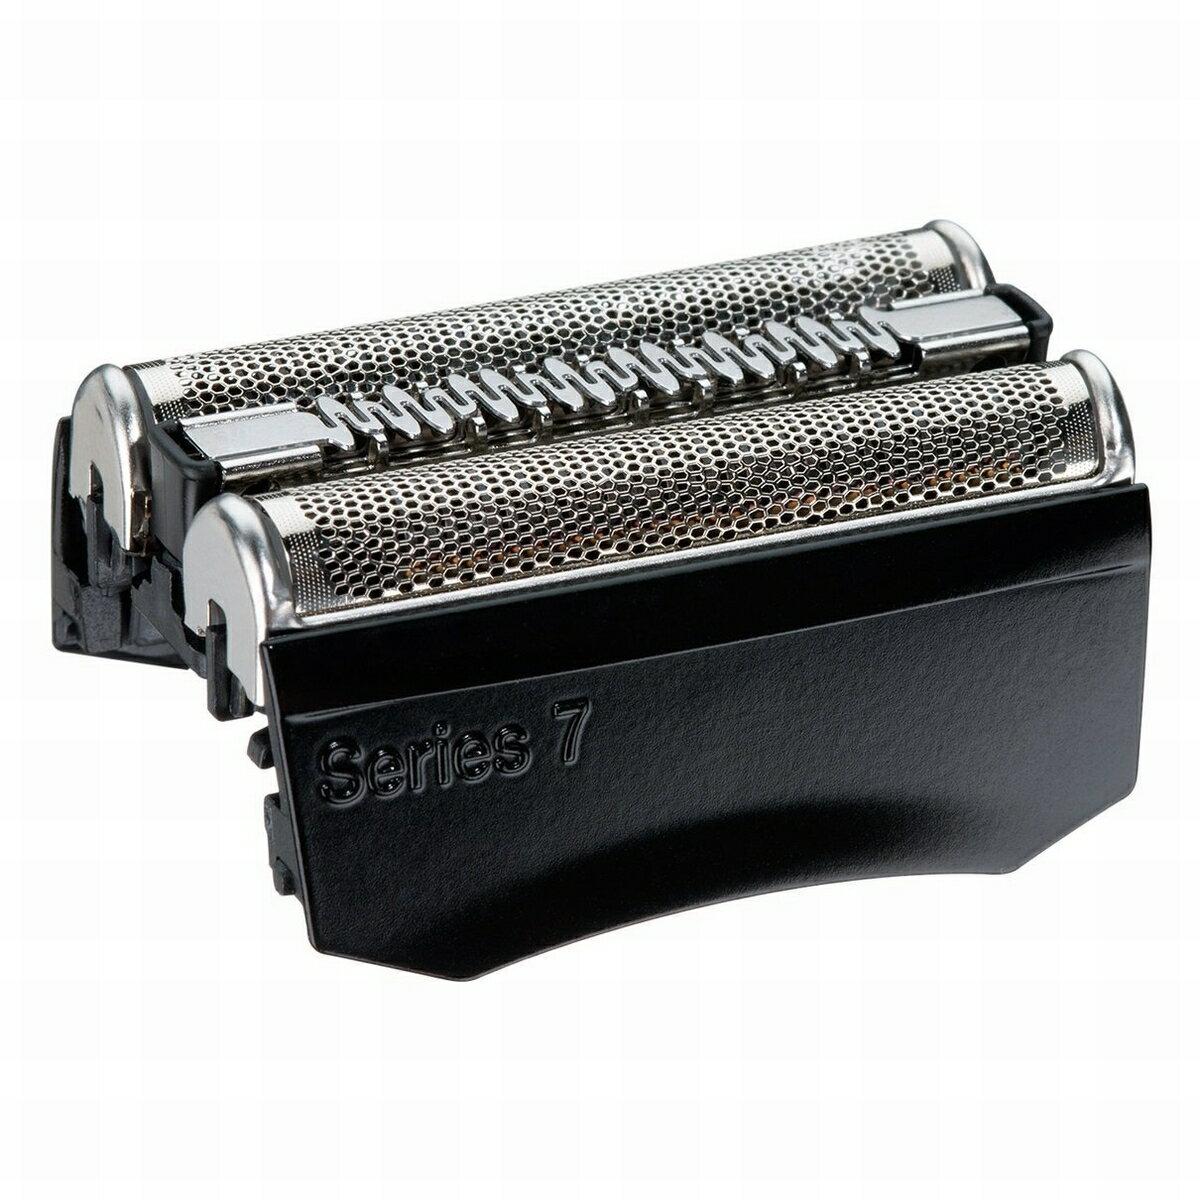 ブラウン 替刃 シリーズ7 70B(F/C70B-3) 網刃・内刃一体型カセット ブラック 並行輸入品 コンビニ決済、後払い決済不可